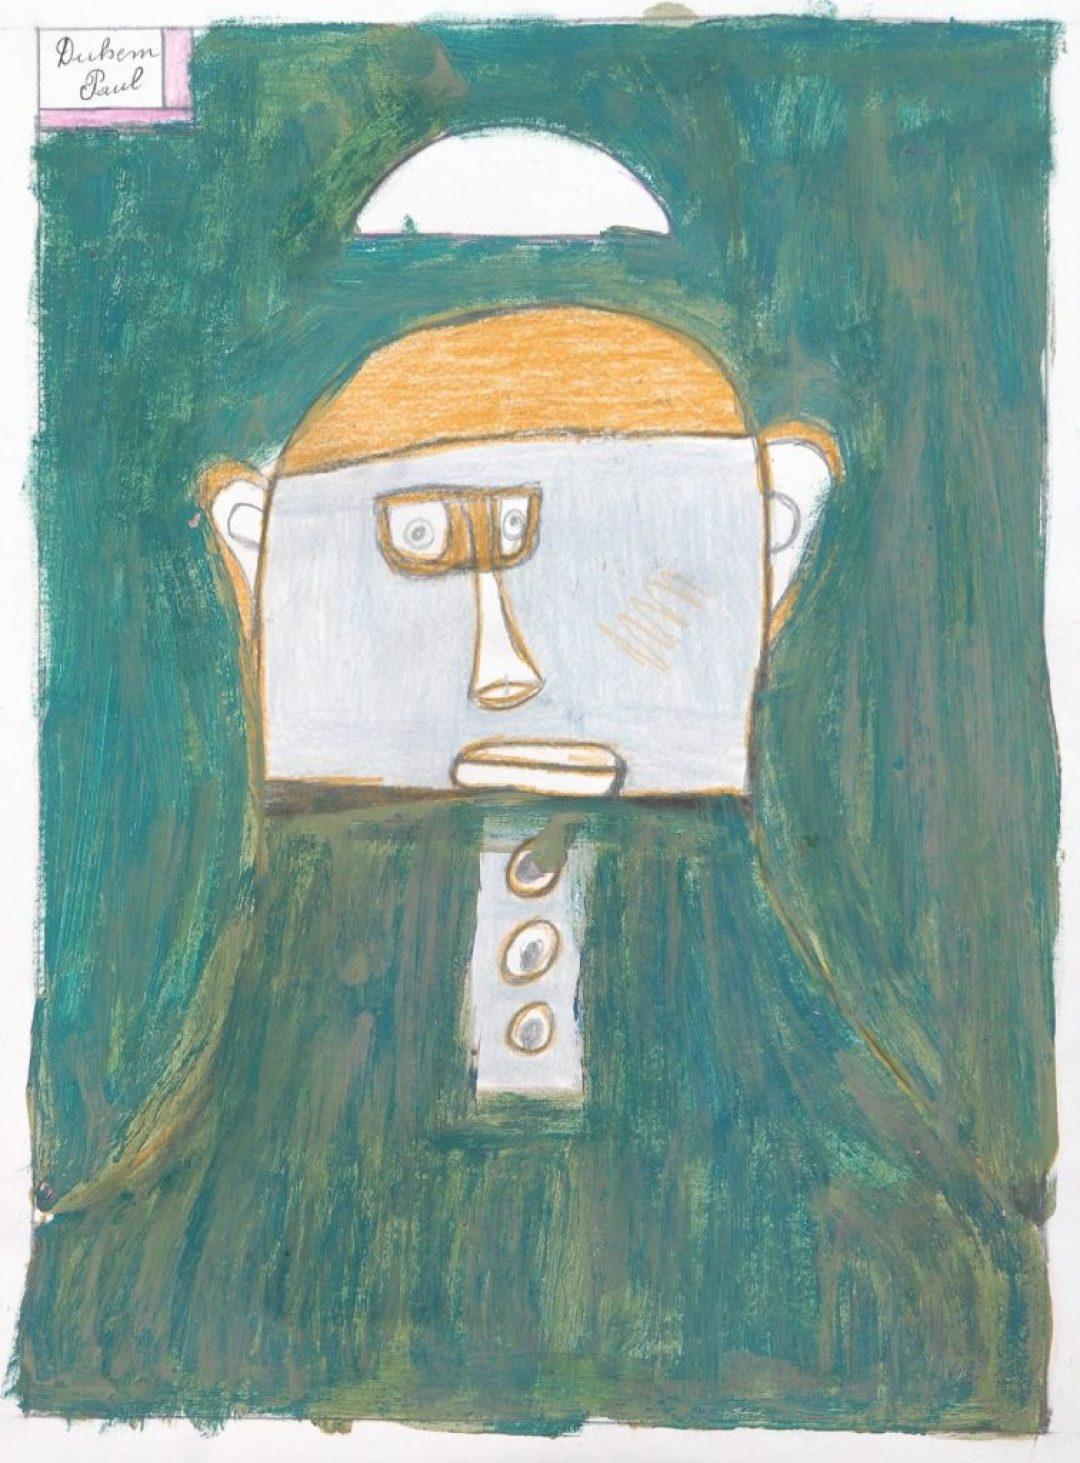 Paul Duhem, sans titre, 1999, crayons de couleur, pastel gras et peinture à l'huile sur papier, 40 x 29,7 cm